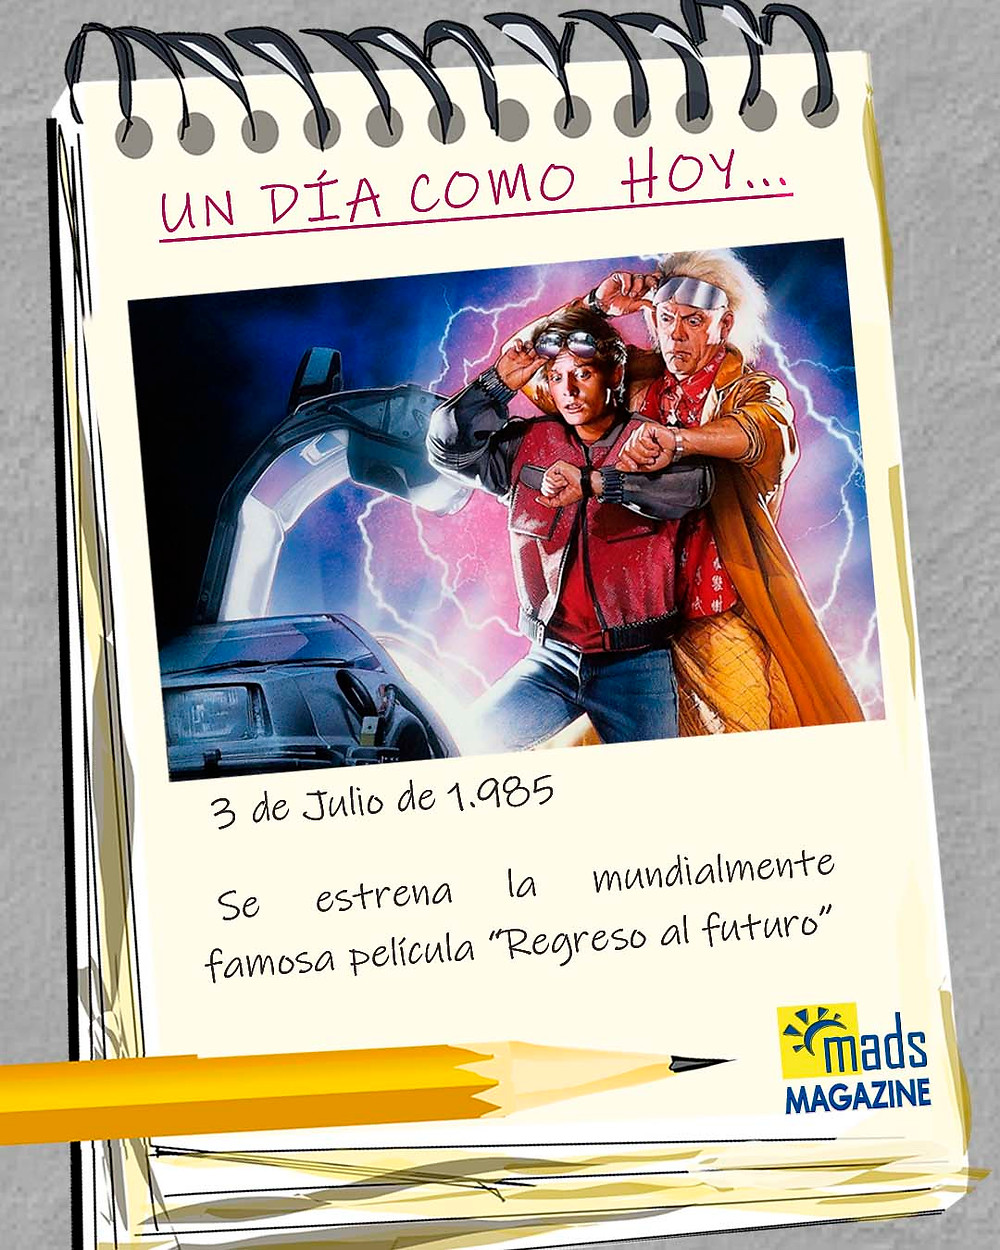 La primera parte de la trilogía más increíble de la historia, Regreso al futuro, se estrenó mundialmente el 3 de julio de 1985.